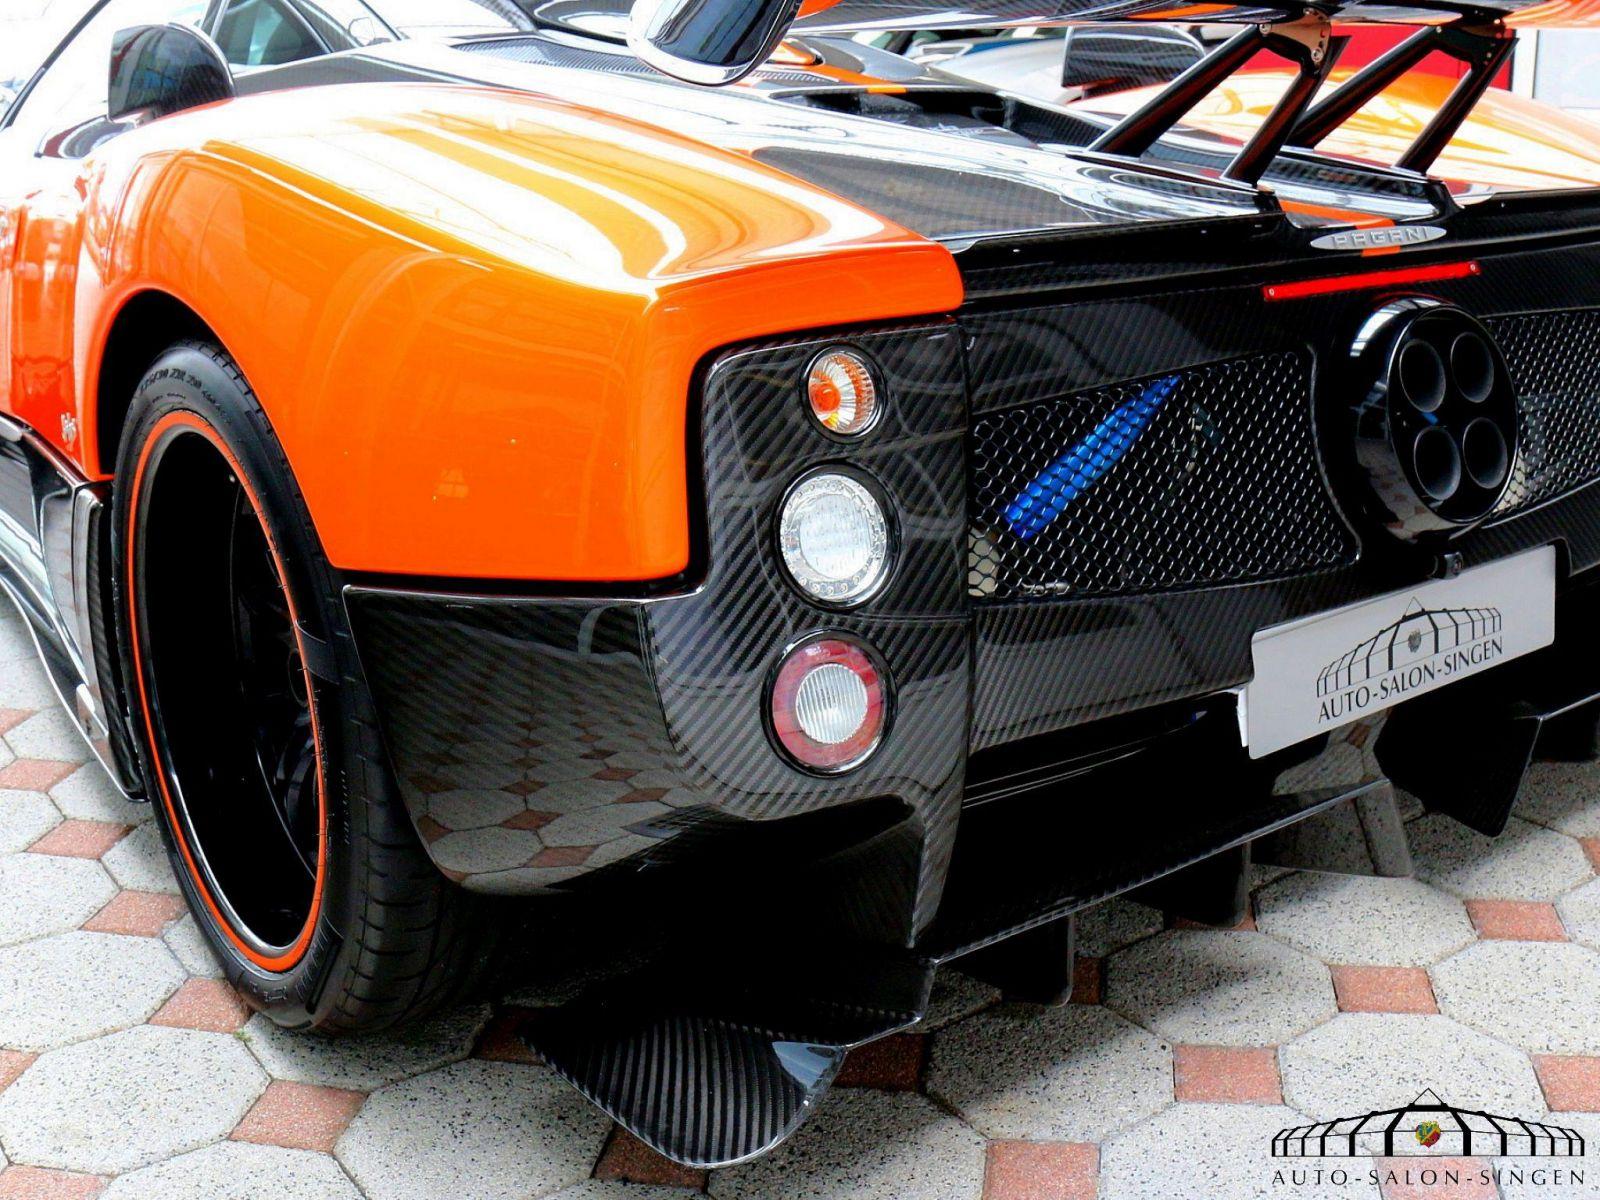 used pagani zonda cinque #3 | for sale! eu special! – auto-hype